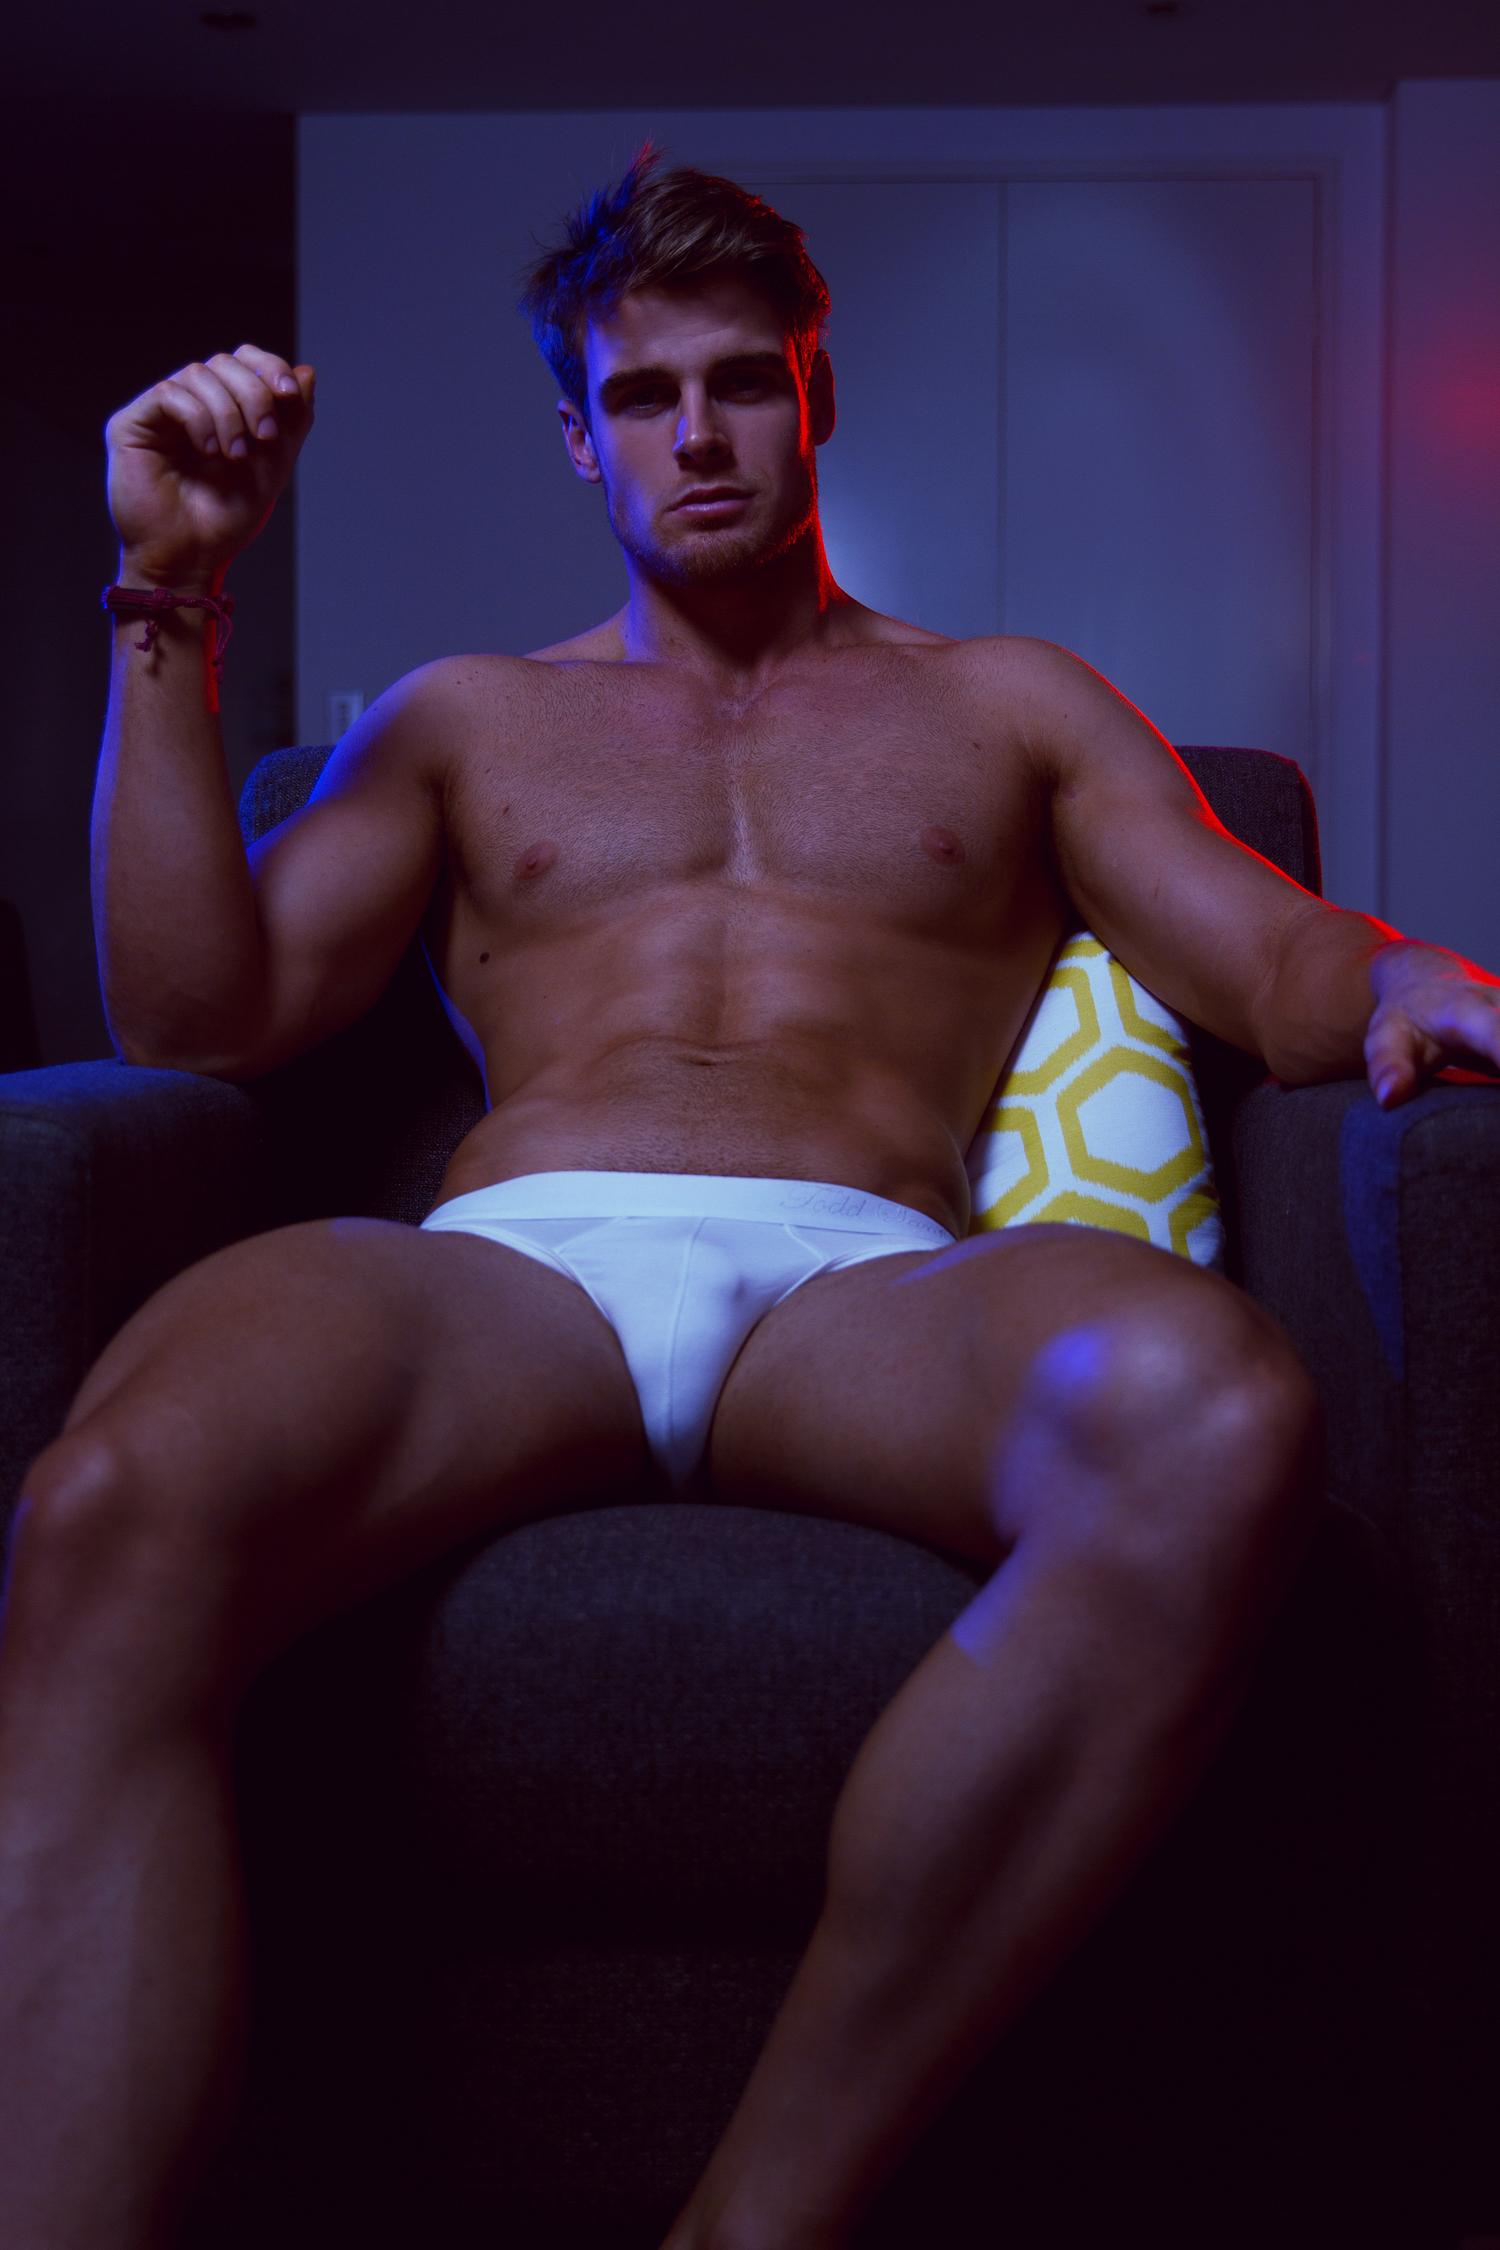 Adon Exclusive: Model Jack Taylor By Simon Le